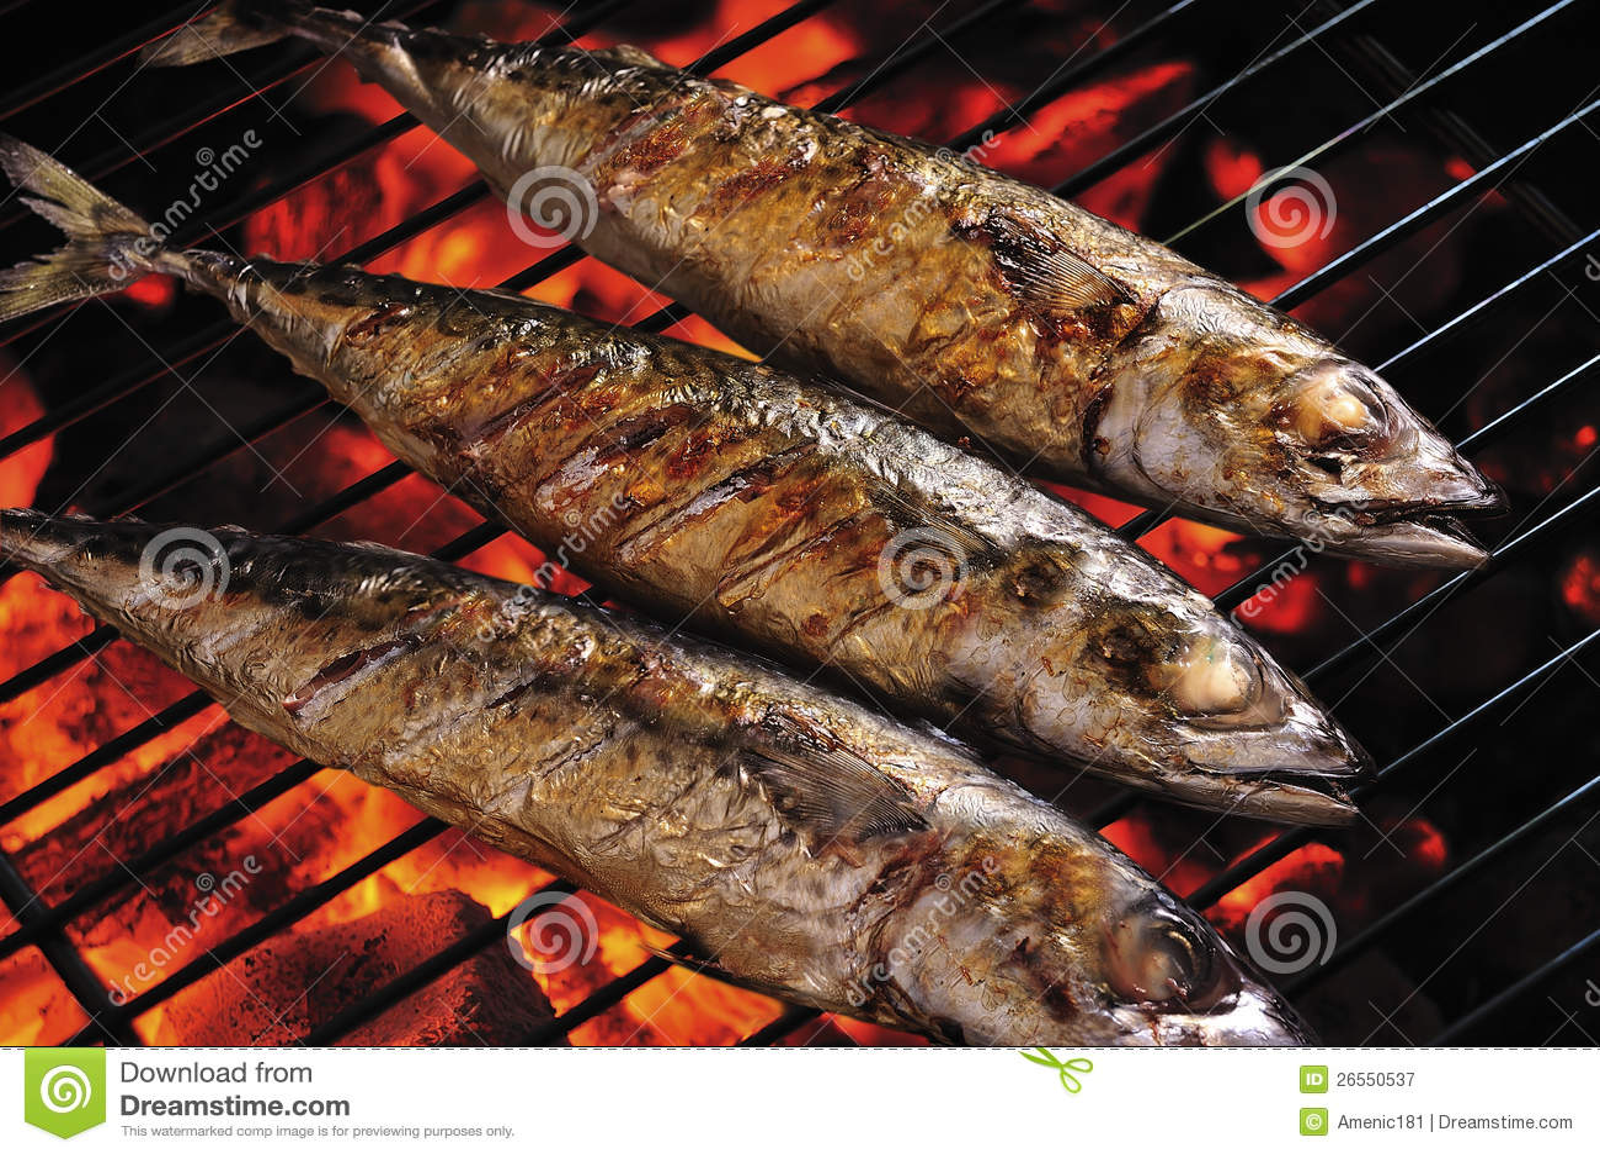 Pescados asados a la parrilla fotograf a de archivo libre - Parrillas para pescado ...